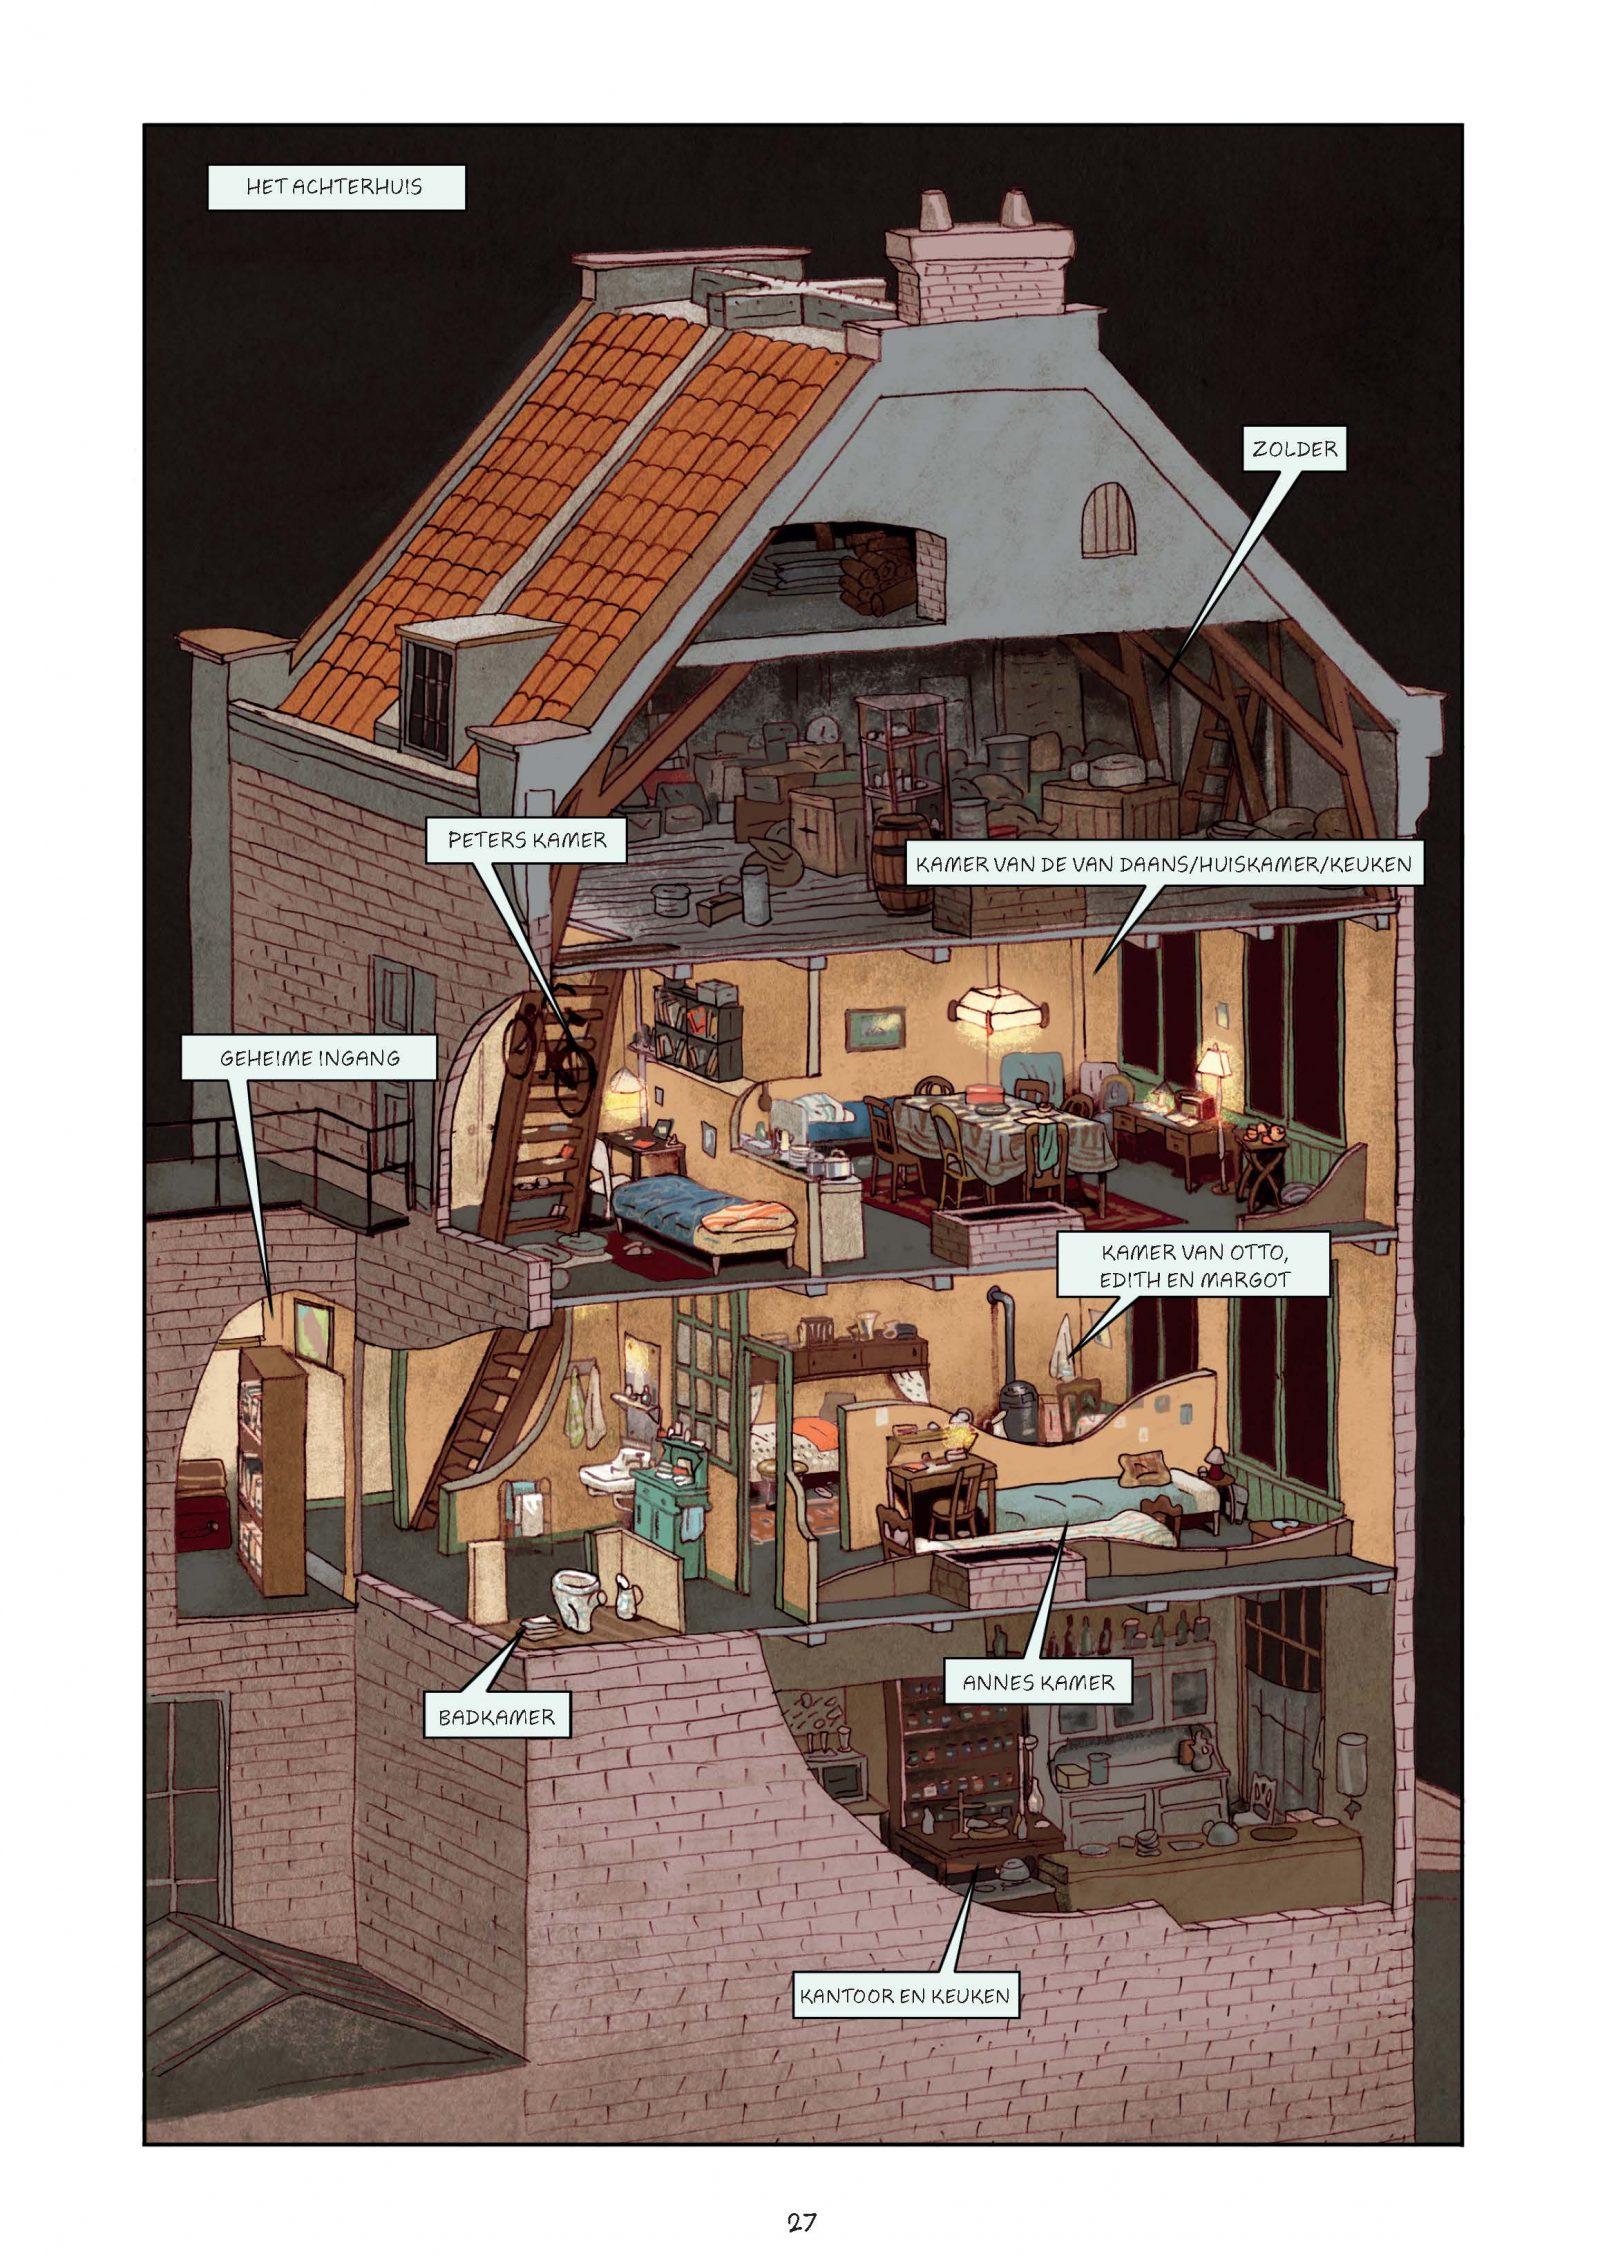 Pagina's van Frank-Het achterhuis_Graphic Novel 2e druk-8